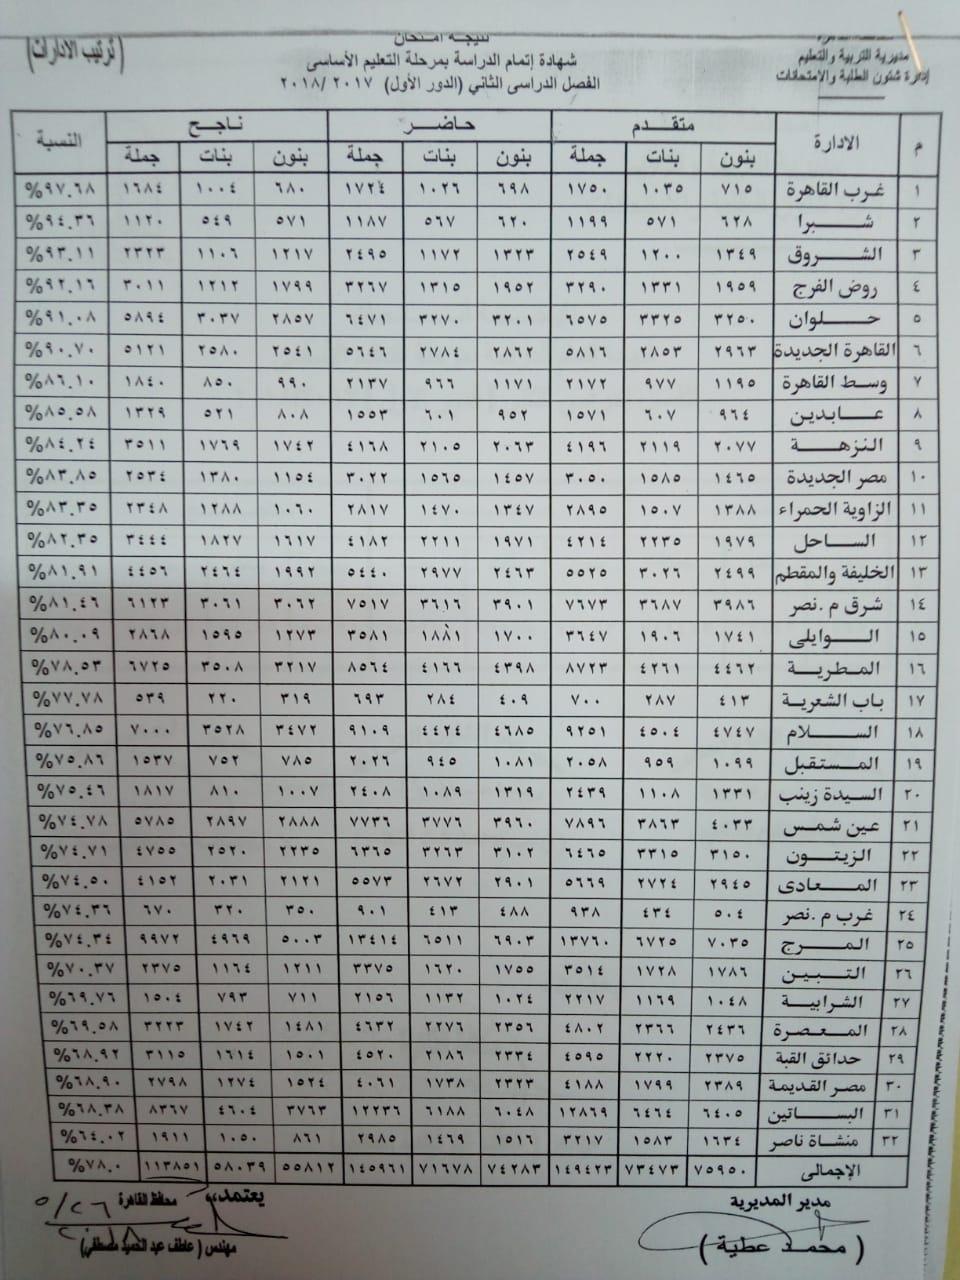 نتيجة الشهادة الاعدادية محافظة القاهرة 2019 الترم الثاني برقم الجلوس.. قريباً 14 19/5/2019 - 5:45 م